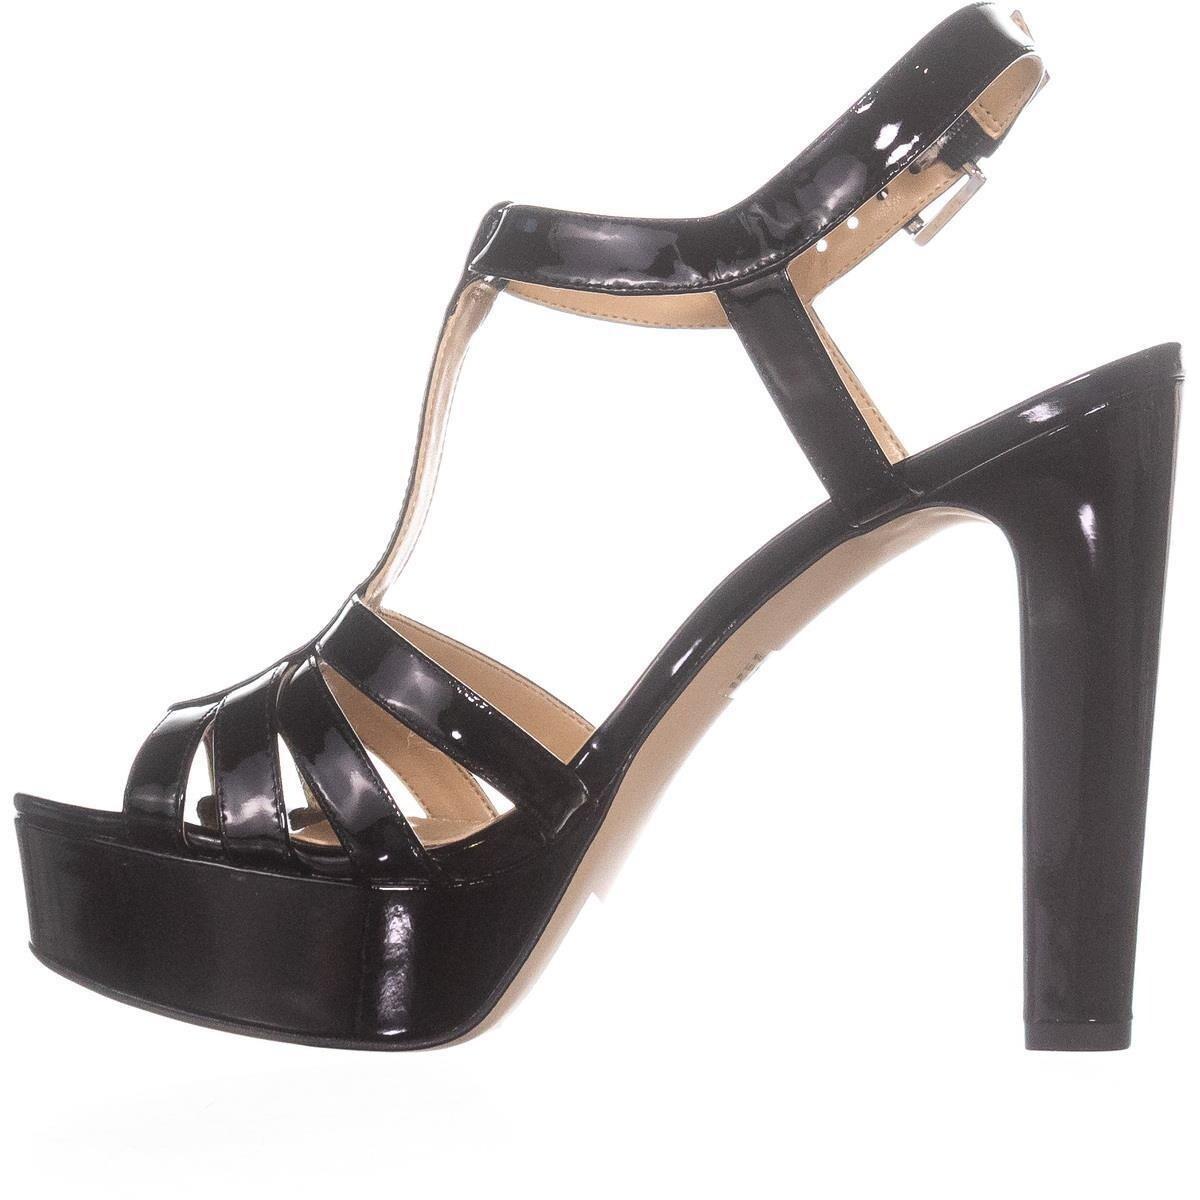 6e15b941ef5 Shop MICHAEL Michael Kors Catalina Platform Sandals